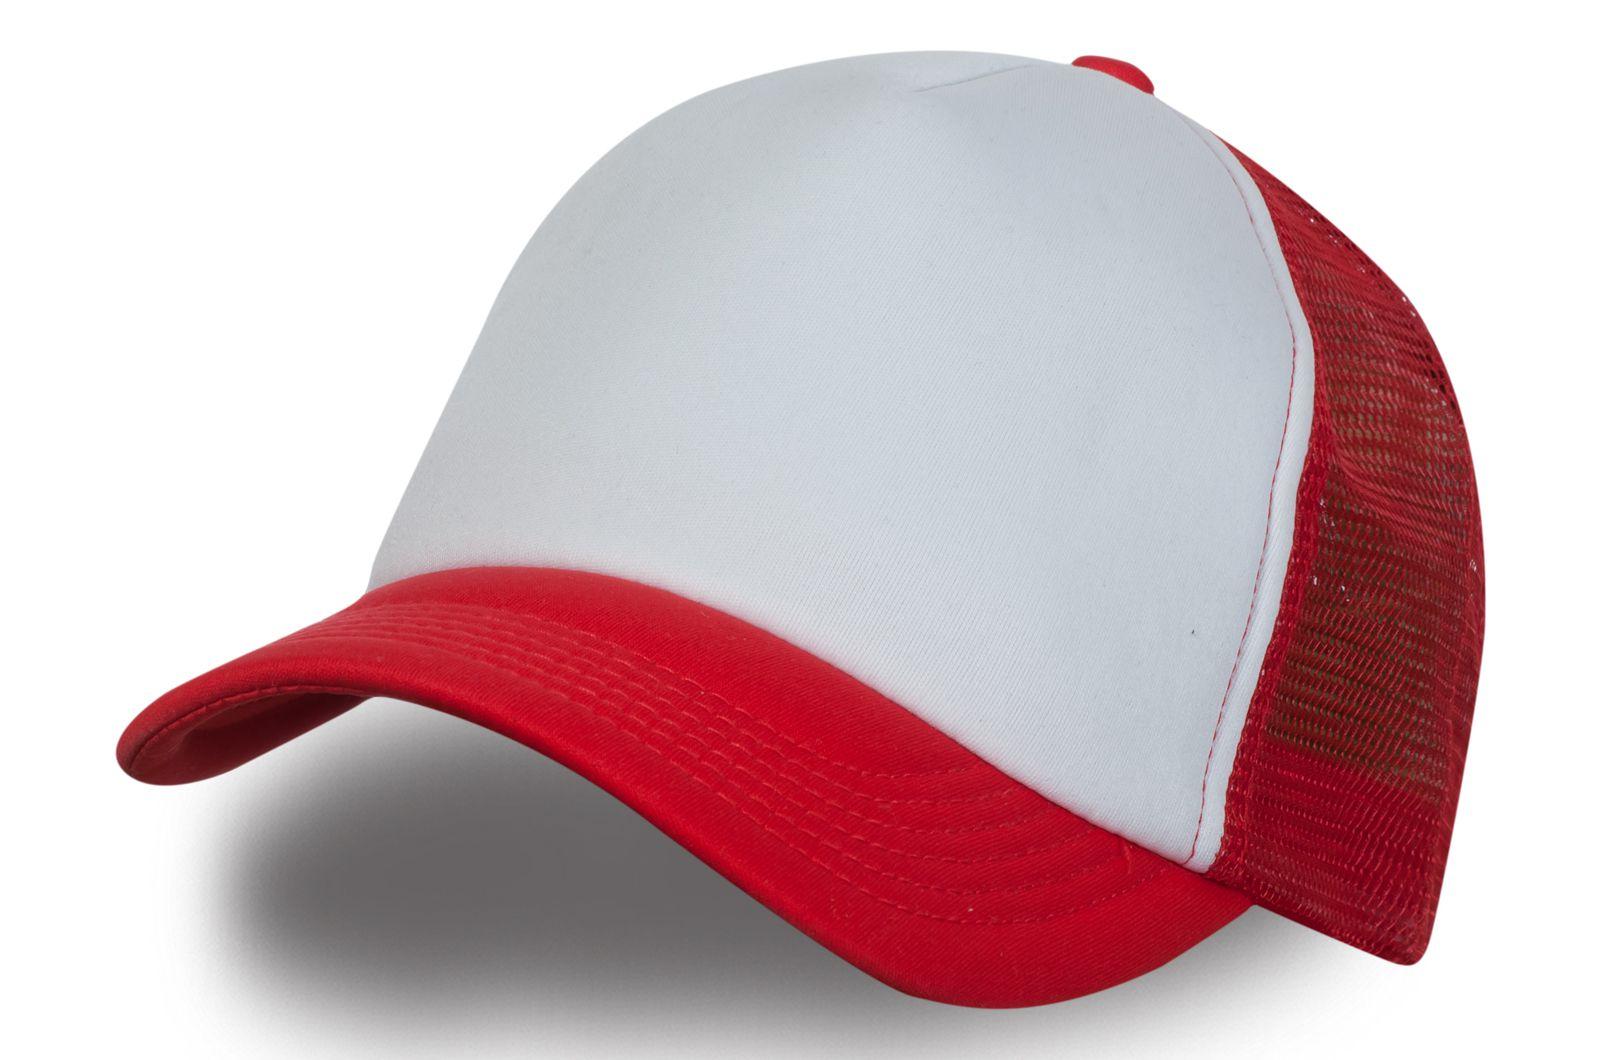 Красно-белая кепка с сеткой - купить в интернет-магазине с доставкой